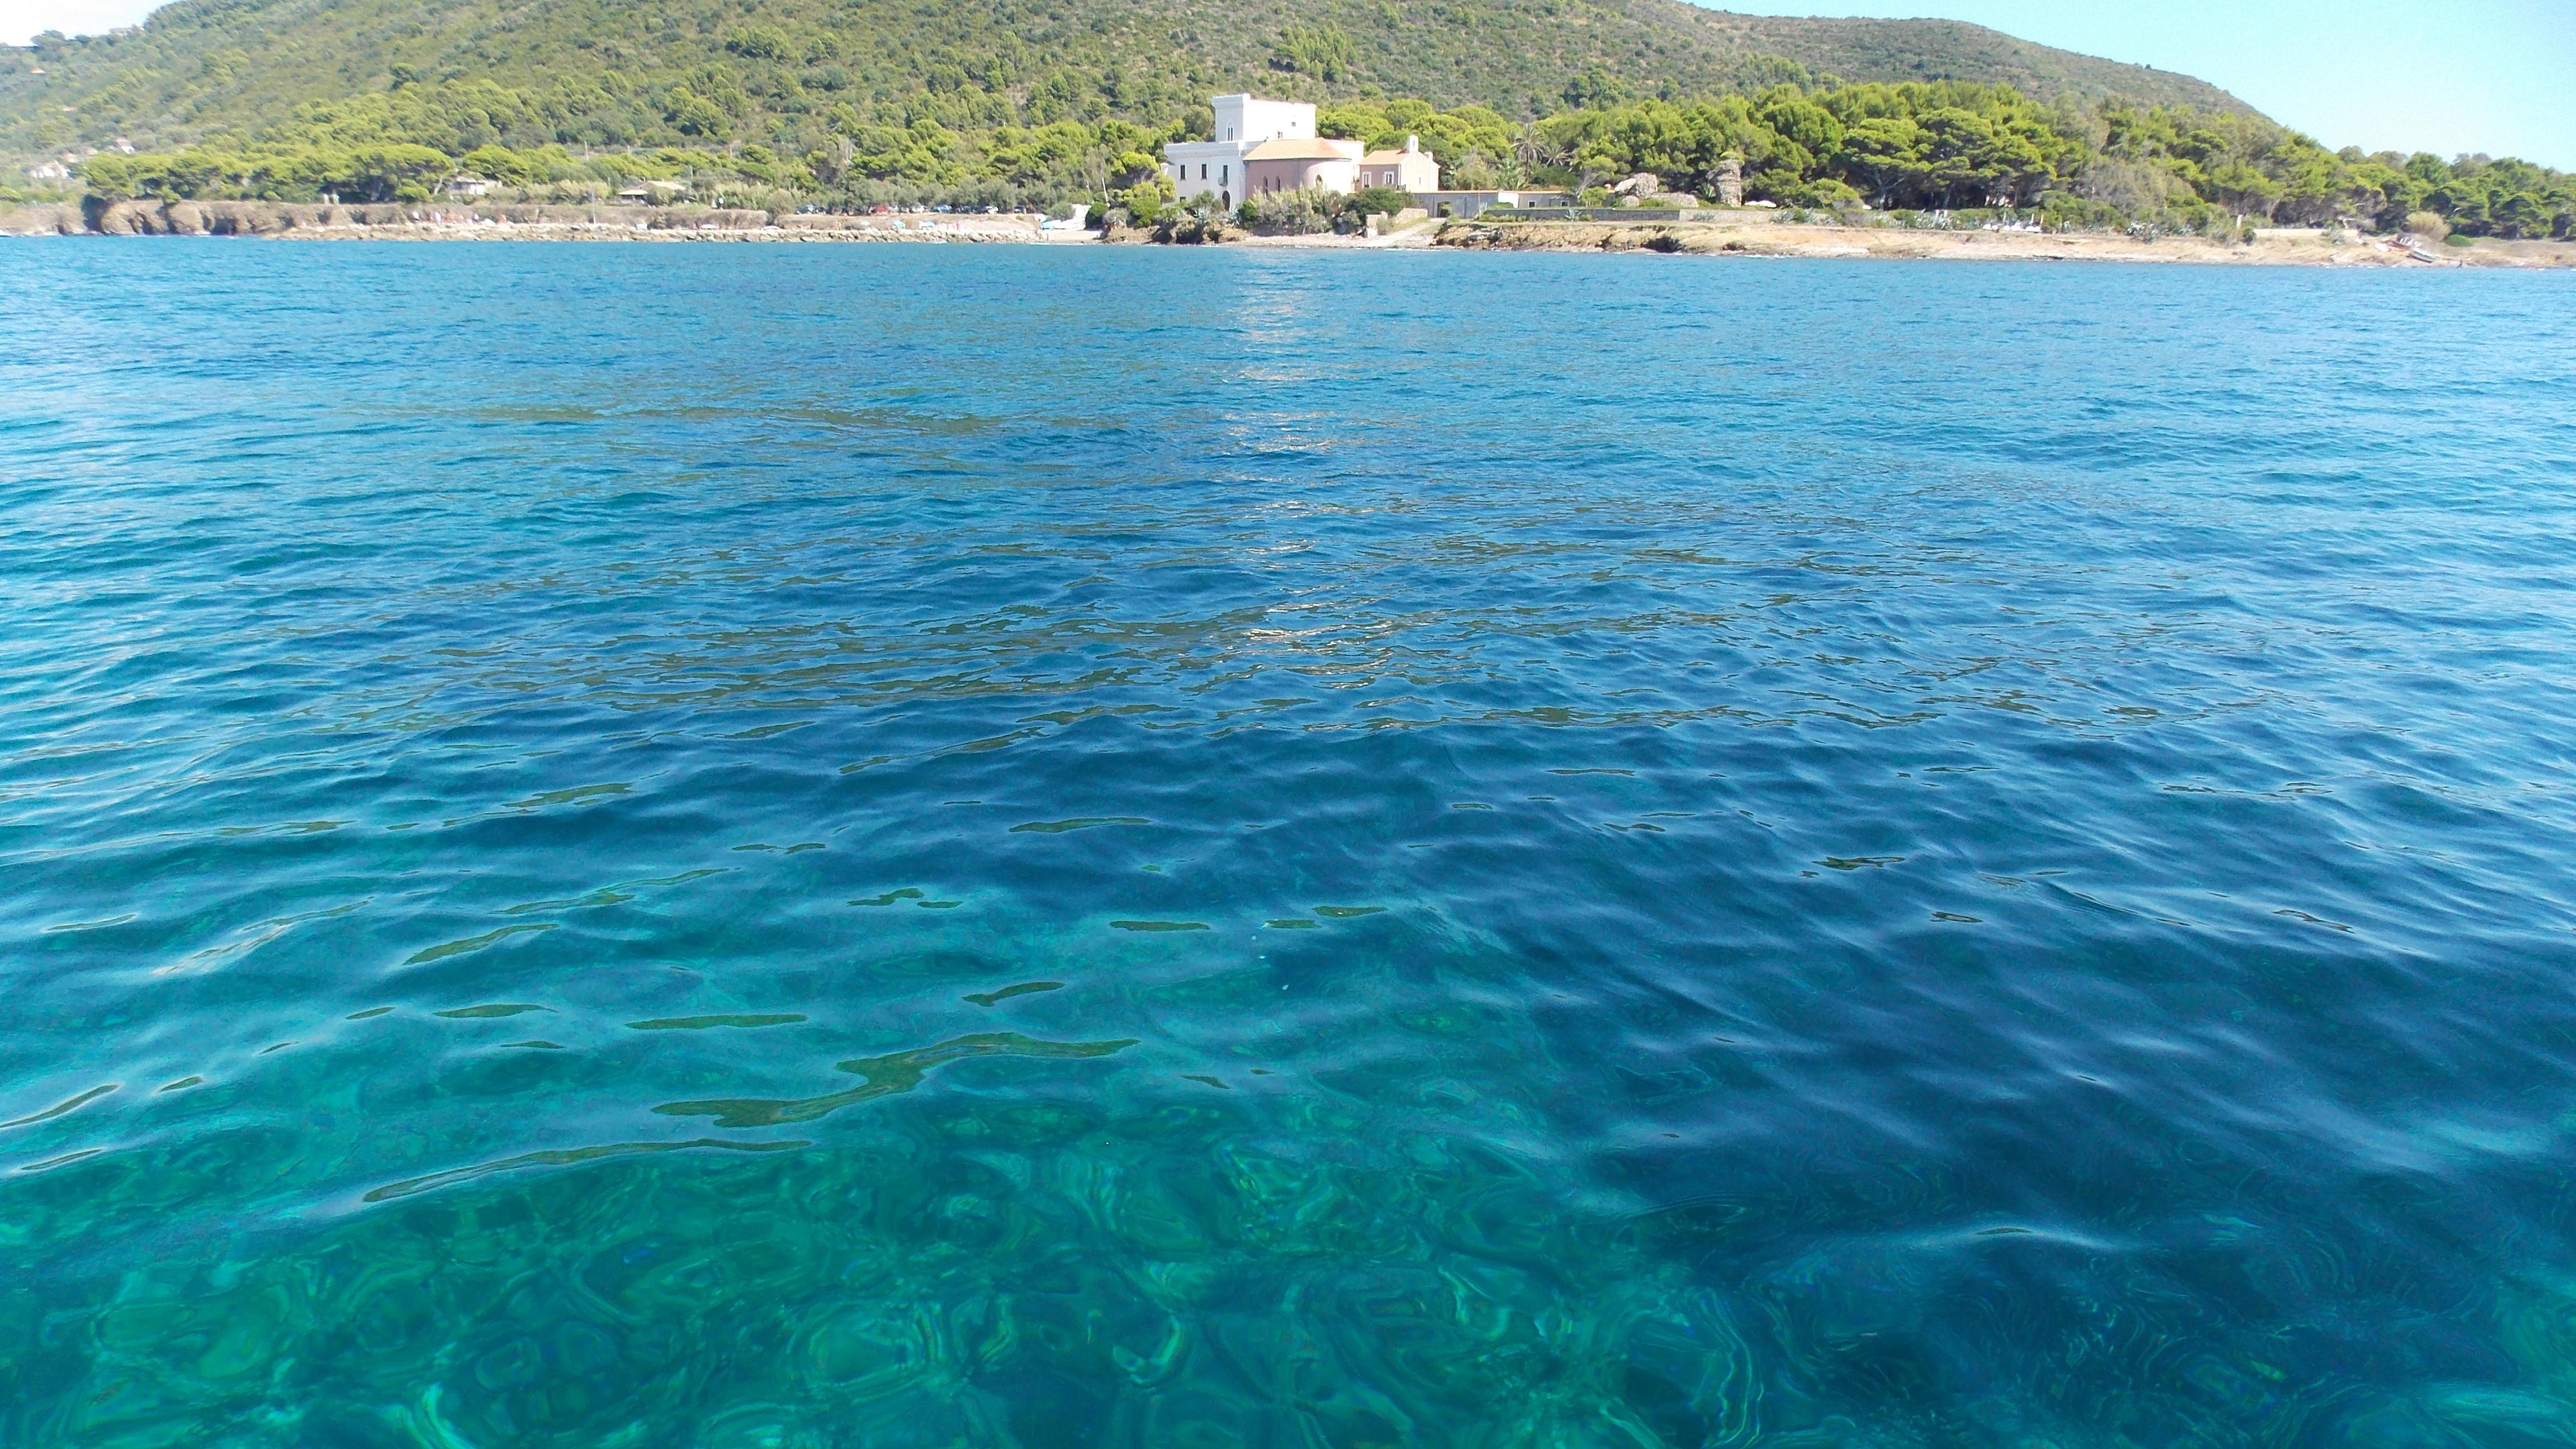 Escursione in Barca a Punta Licosa - Borgo Riccio